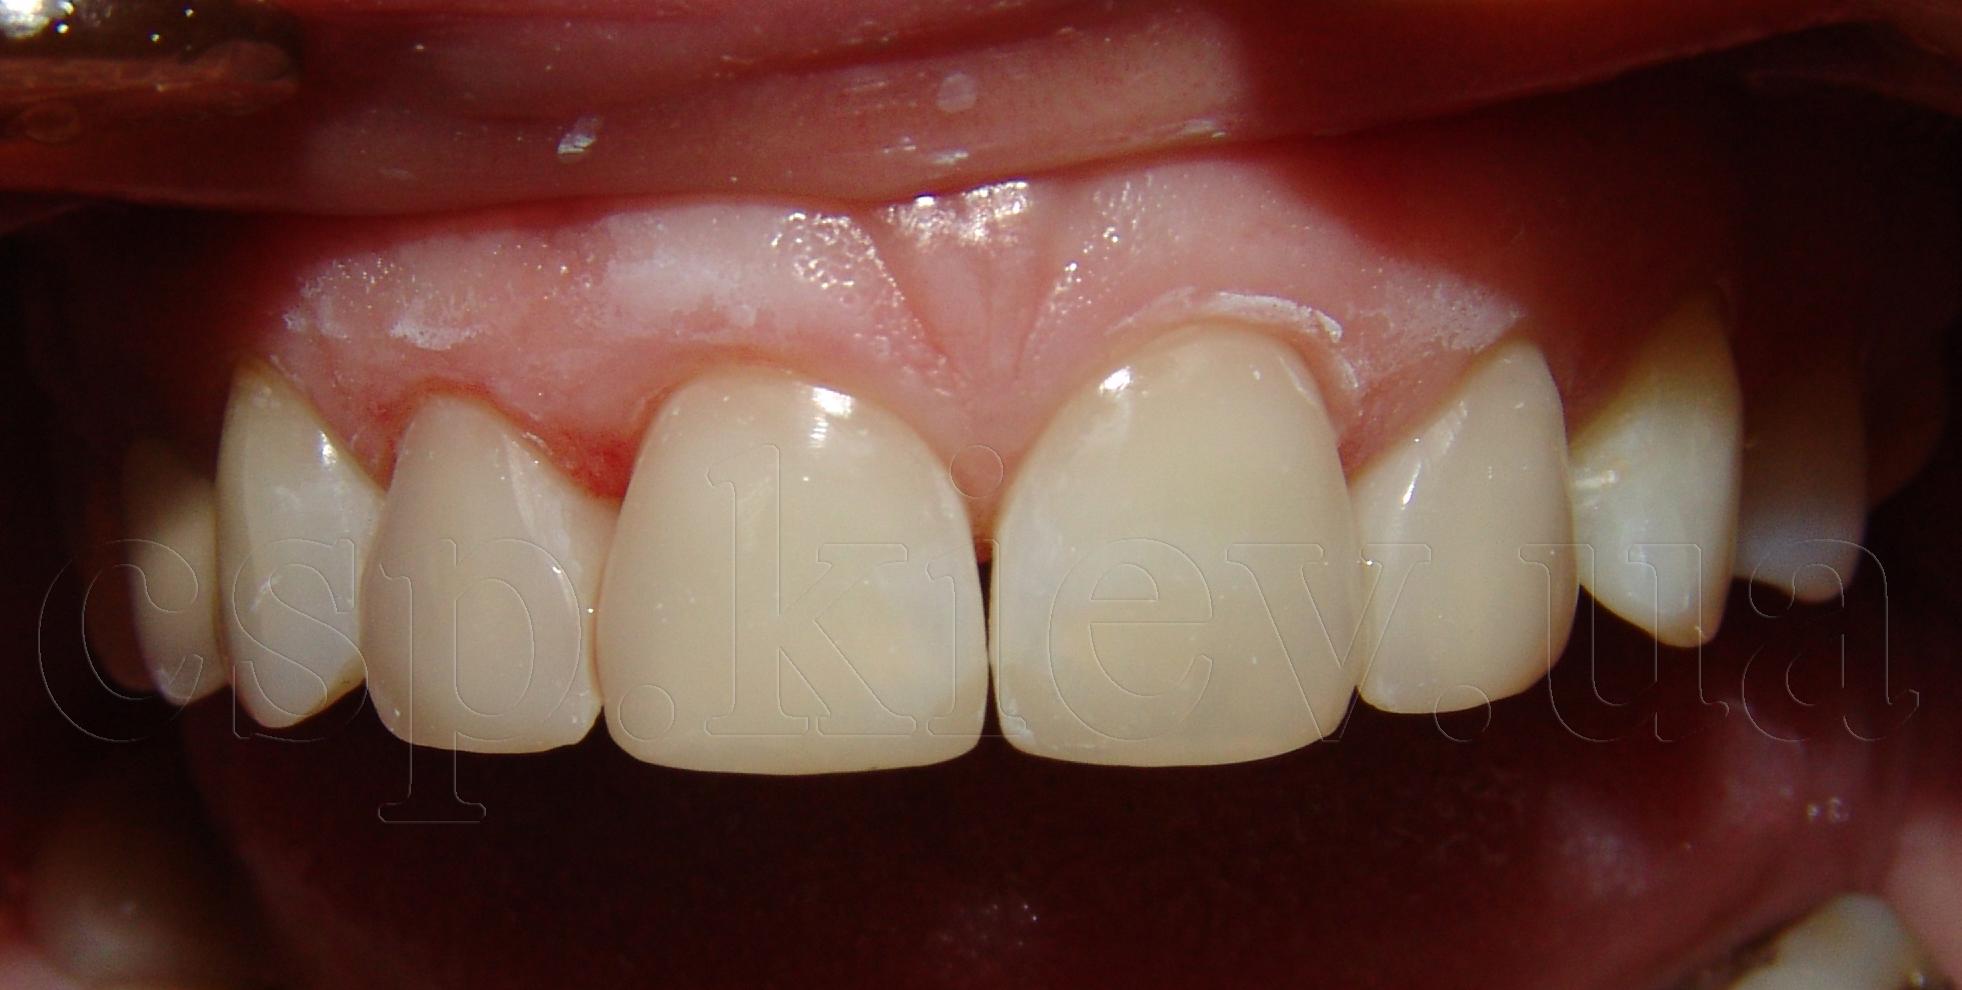 Реставрація фронтальної групи зубів